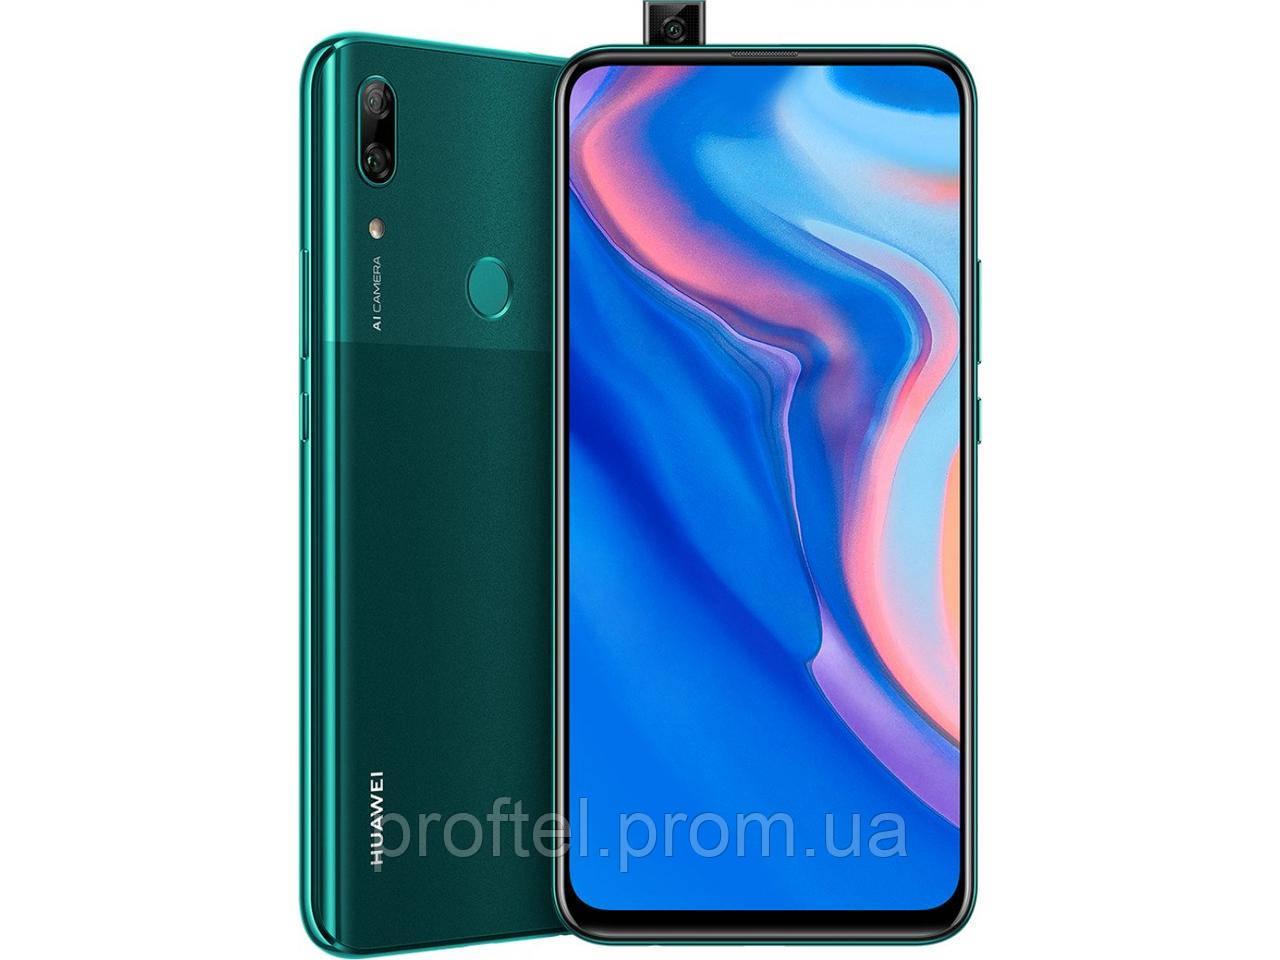 Huawei P Smart Z 4/64 GB Emerald Green